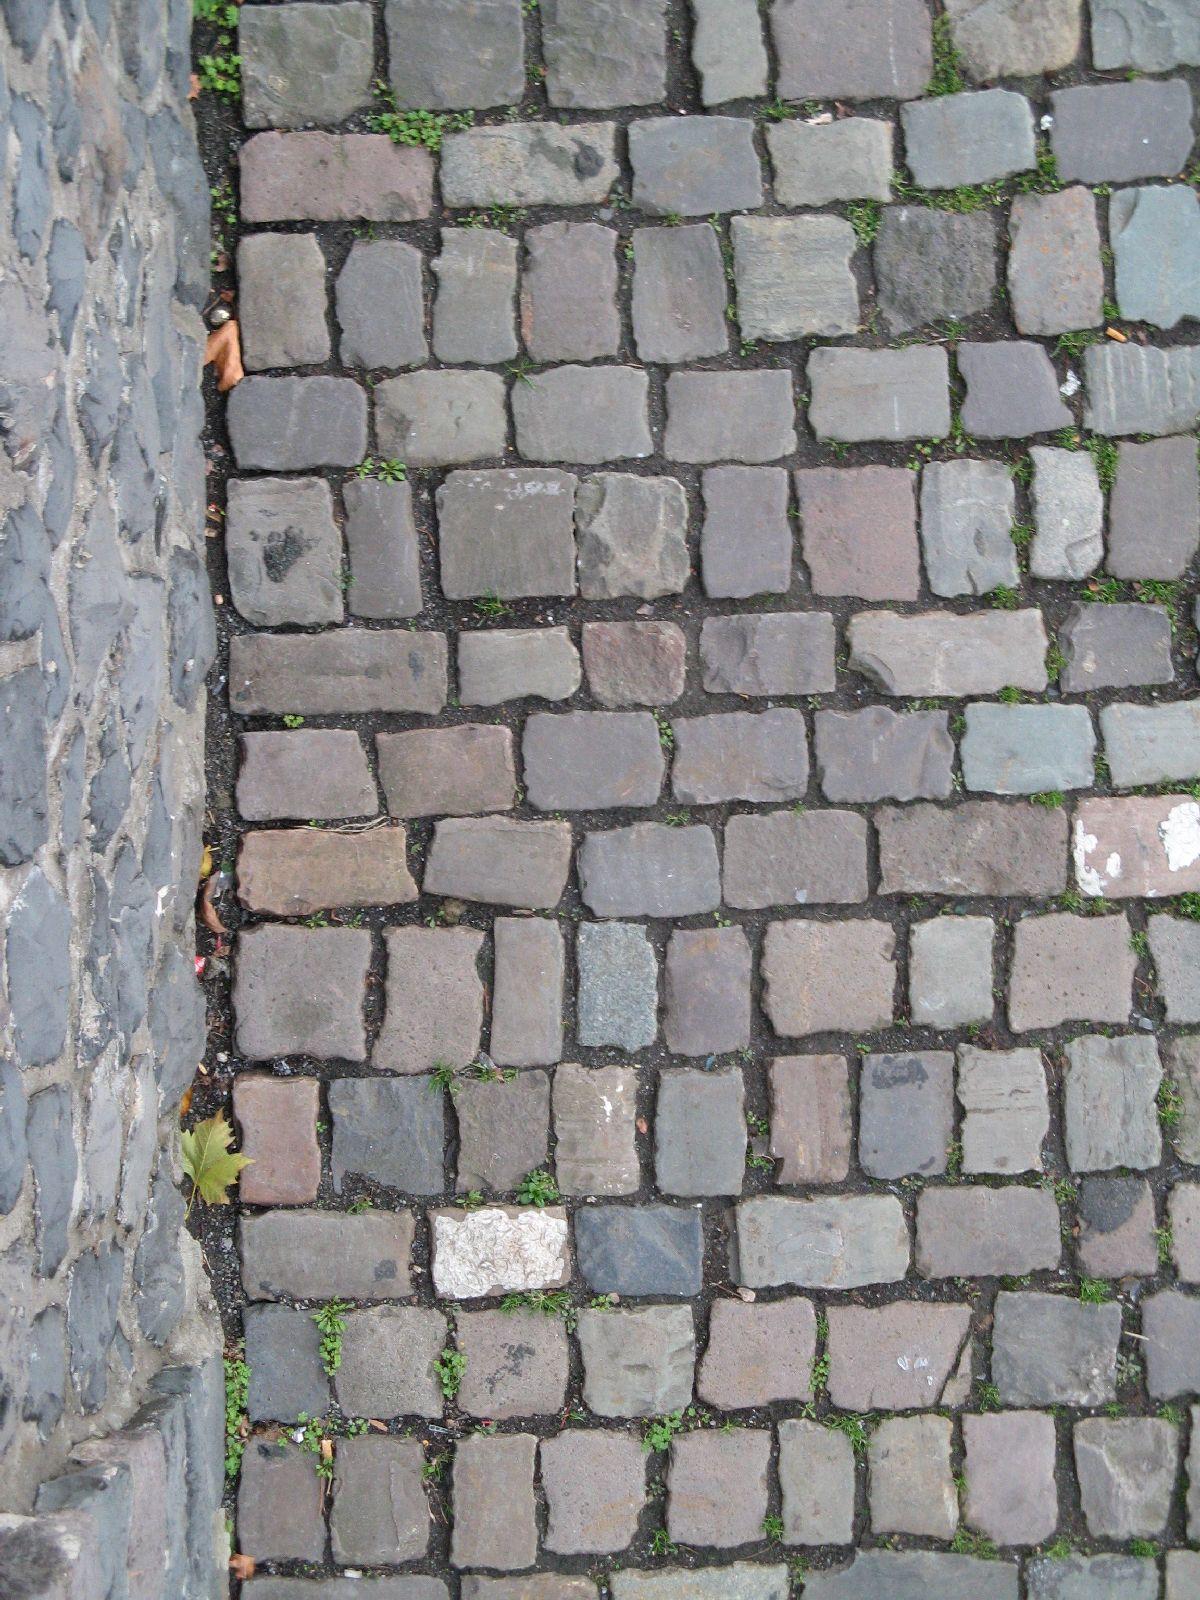 Boden-Gehweg-Strasse-Buergersteig-Textur_B_1129